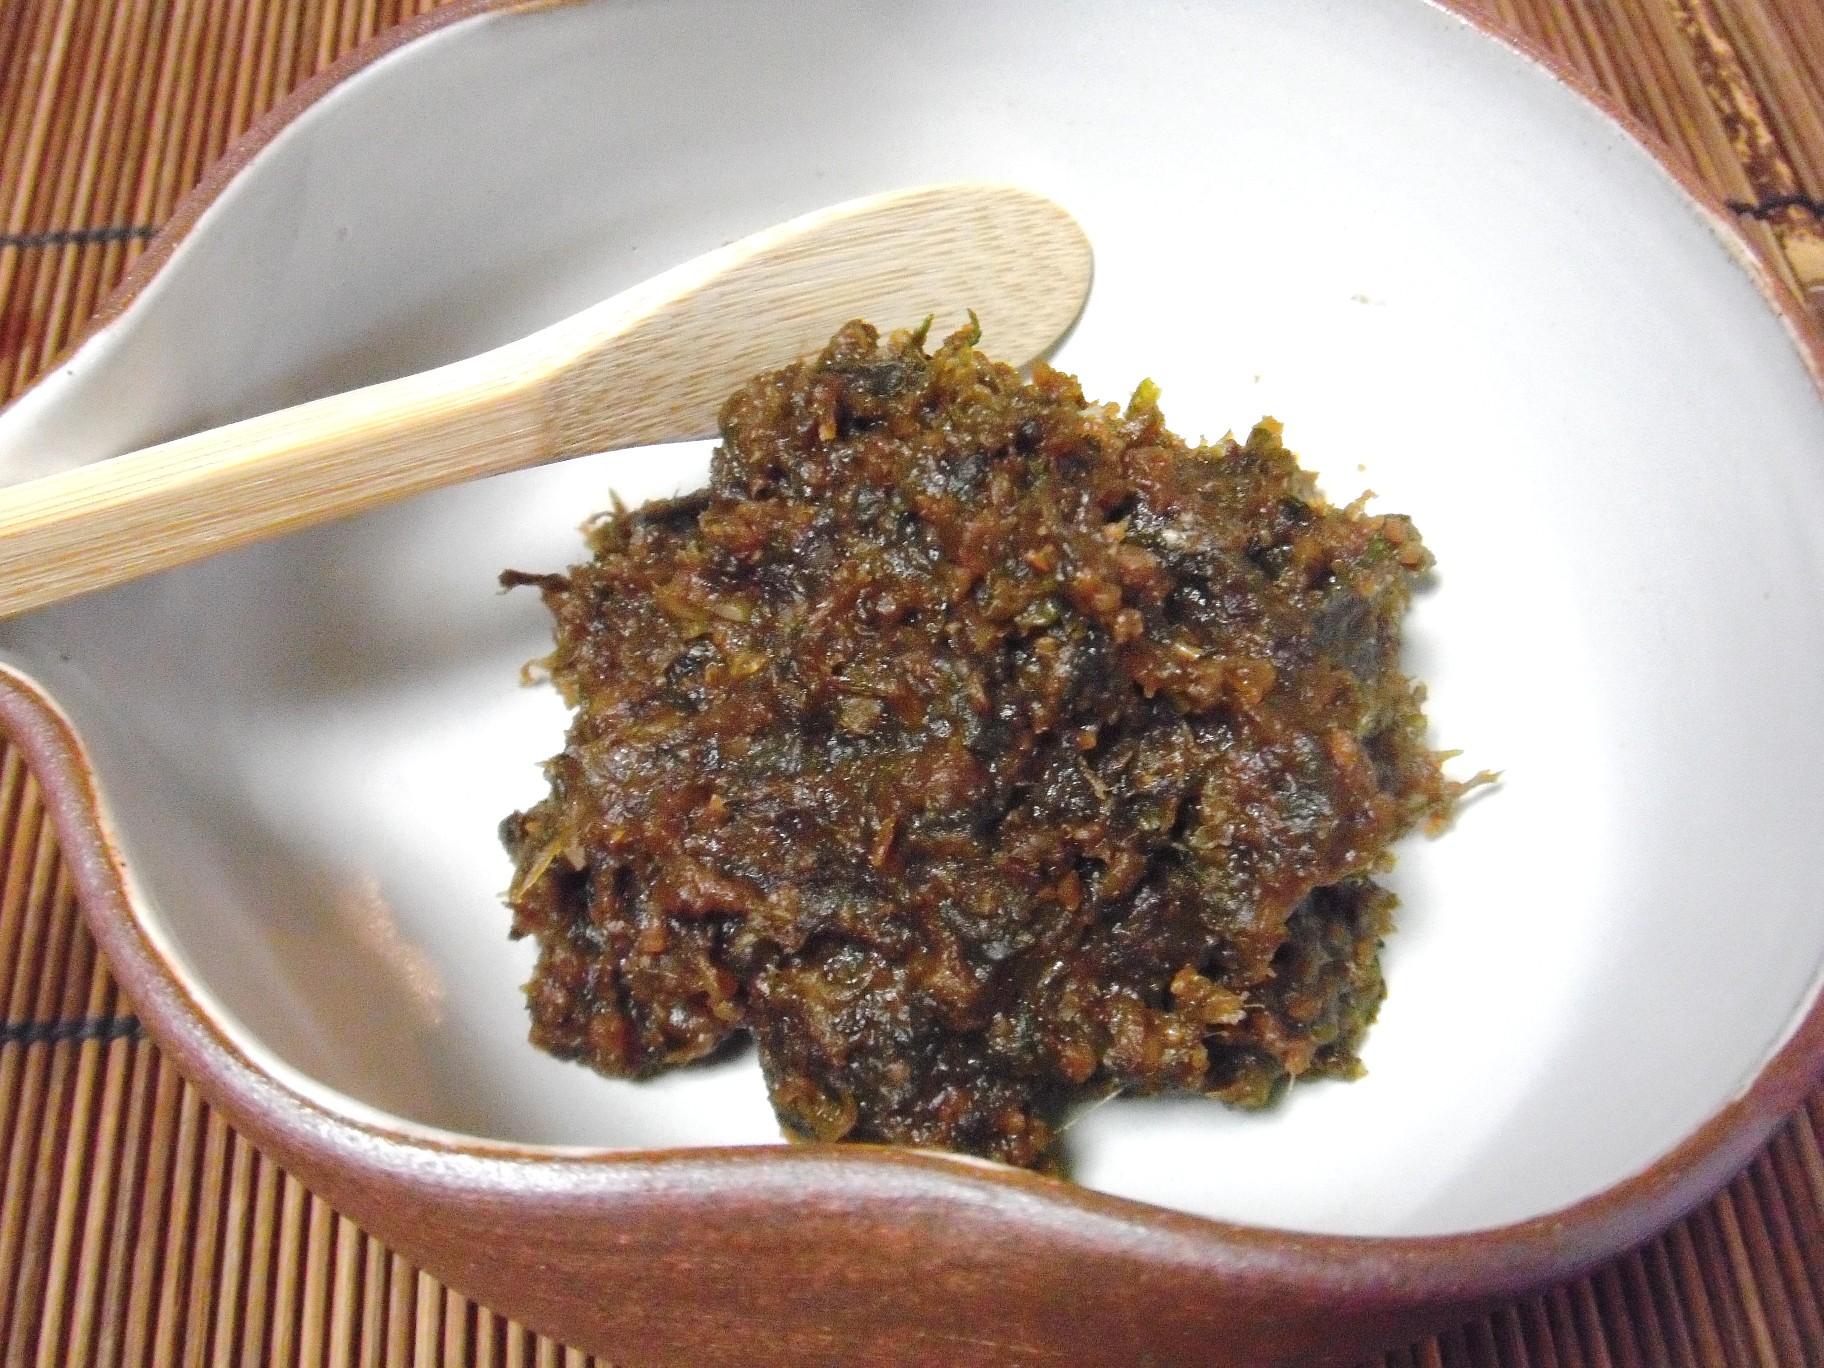 ふきのとう味噌は素朴な春の味 美味しいふきのとう味噌の作り方のサムネイル画像